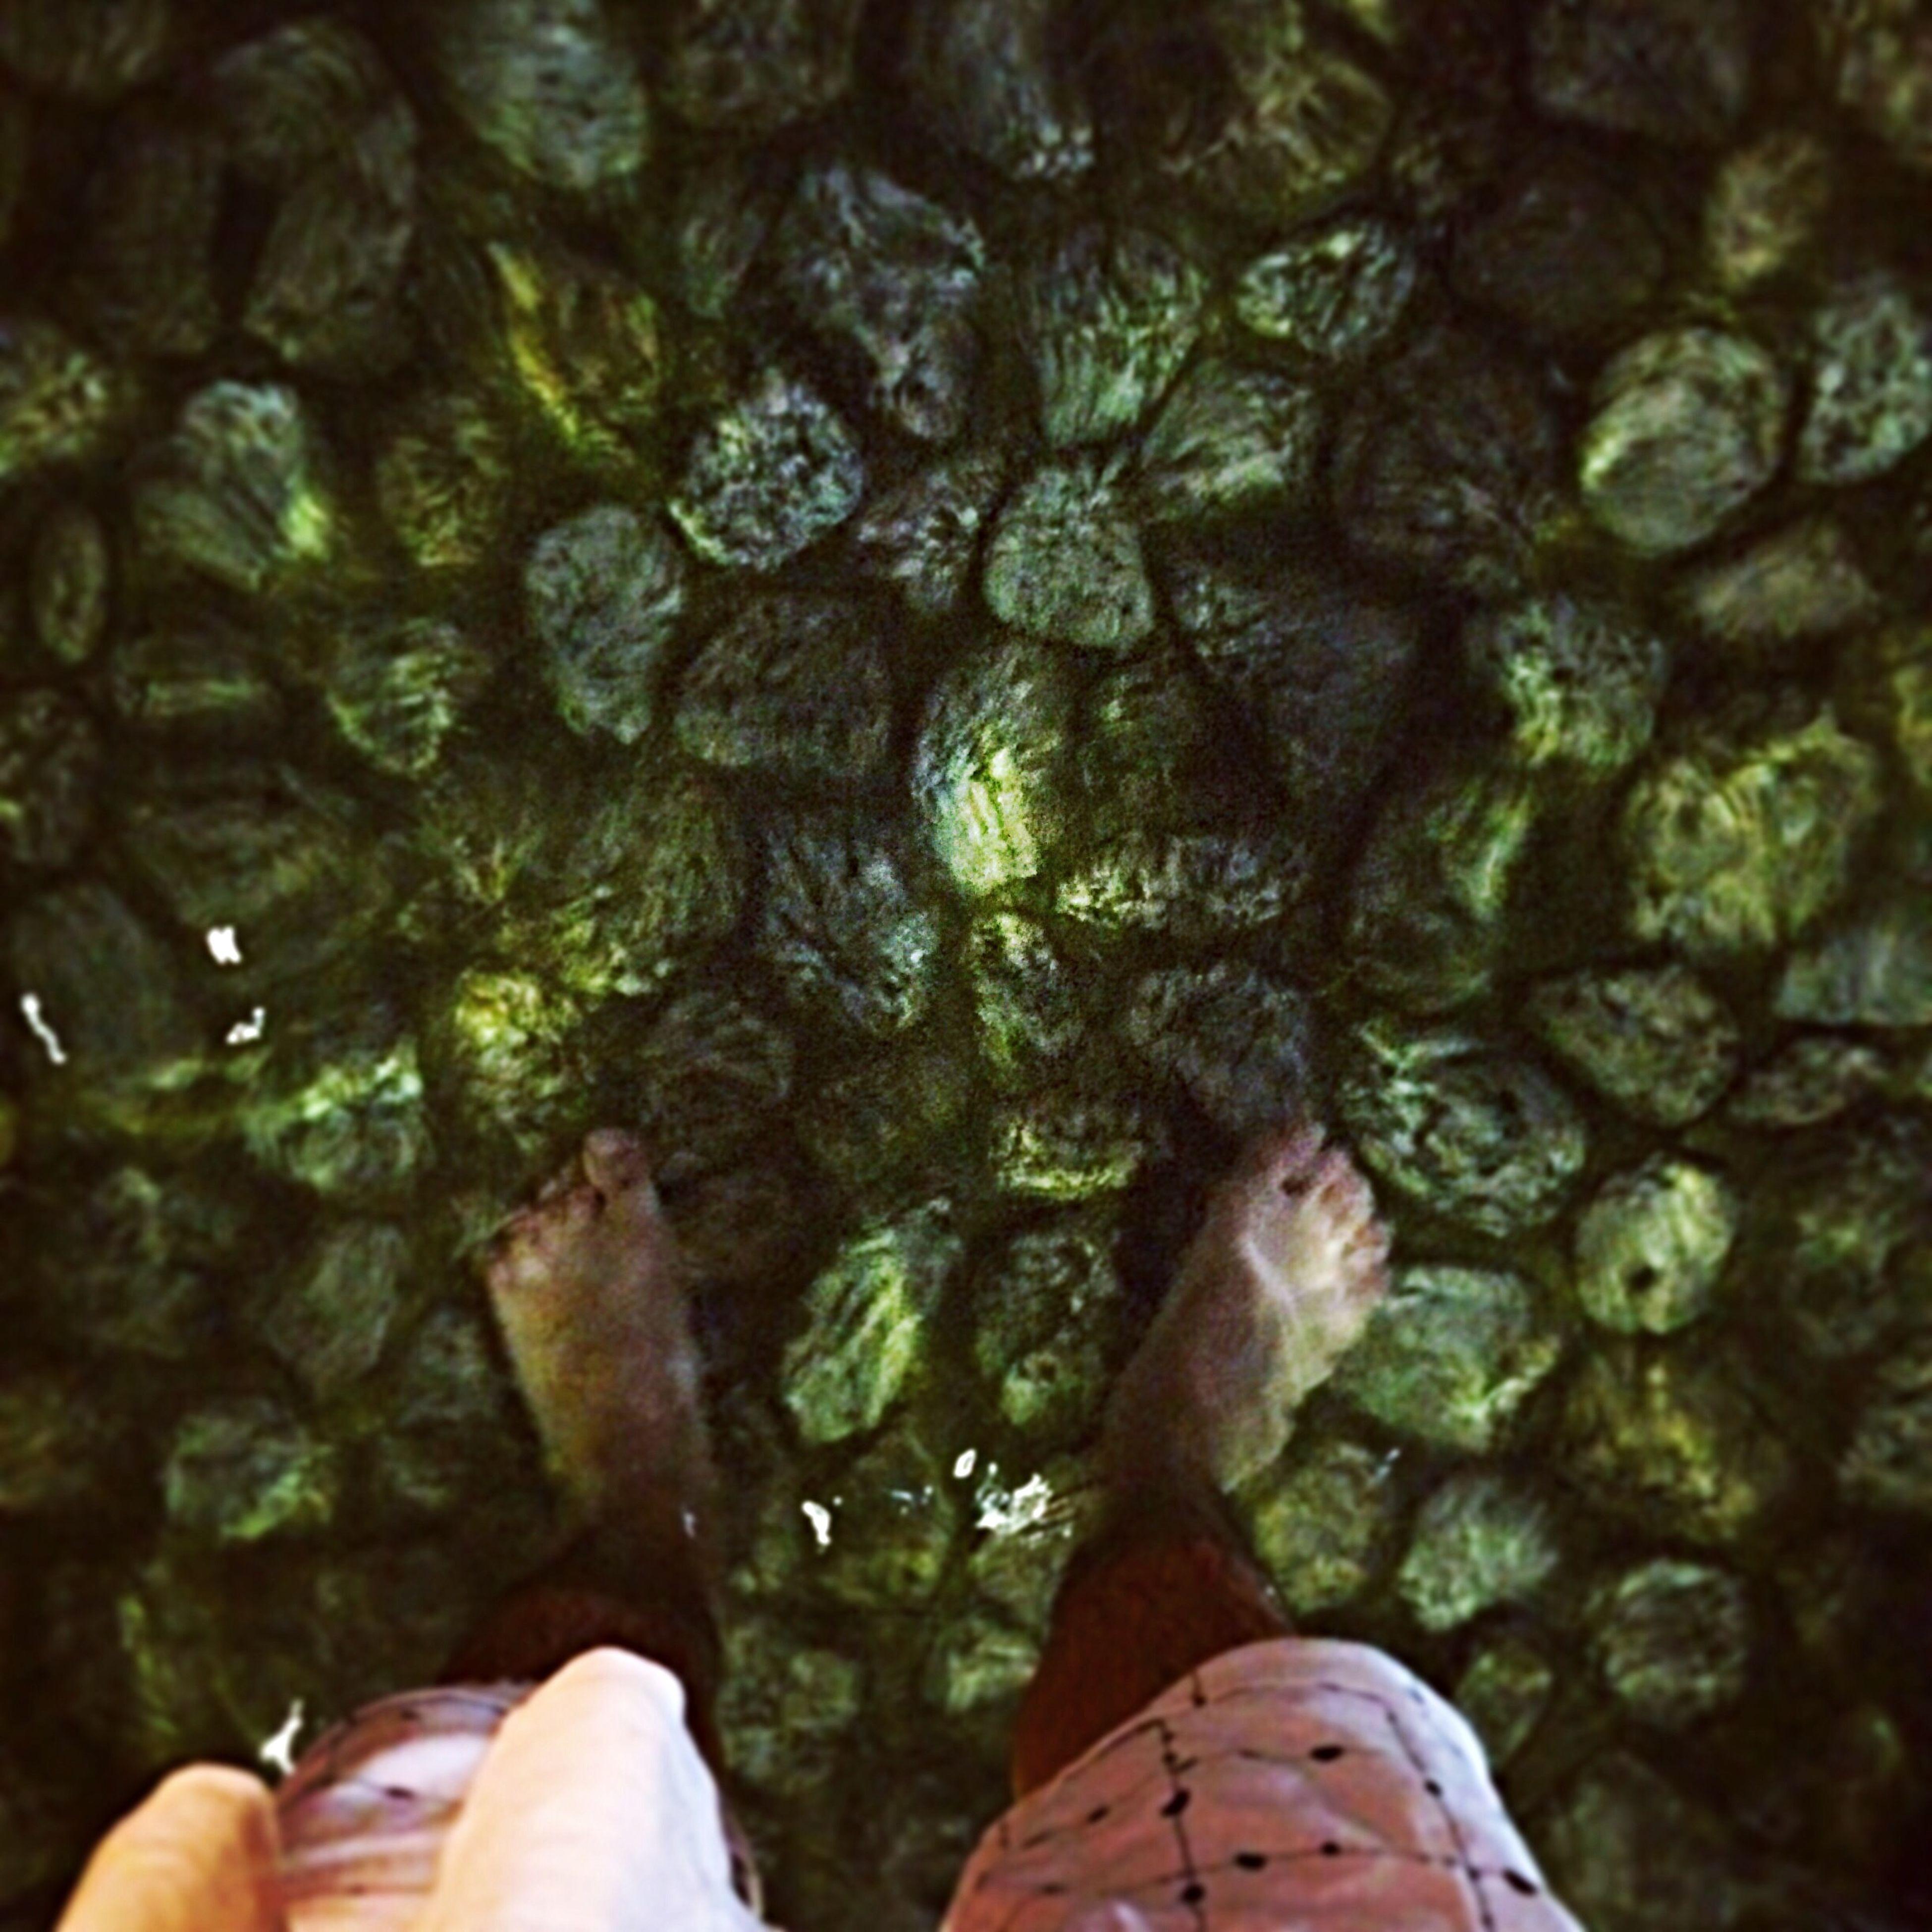 池の水は冷たかった。 Kyoto